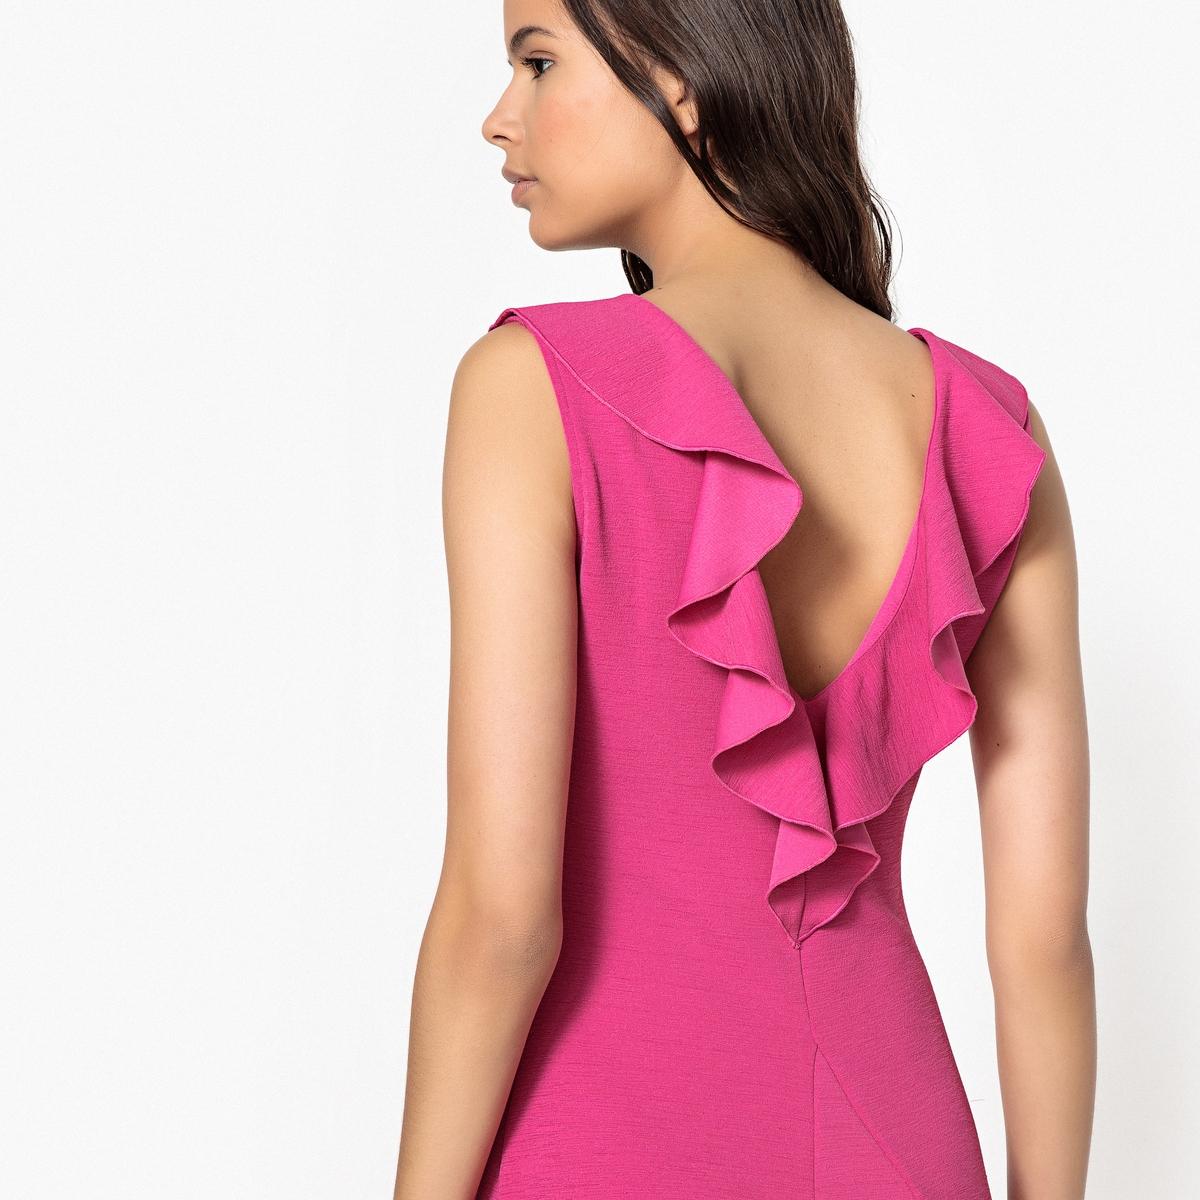 Платье облегающее однотонное средней длины, без рукавов